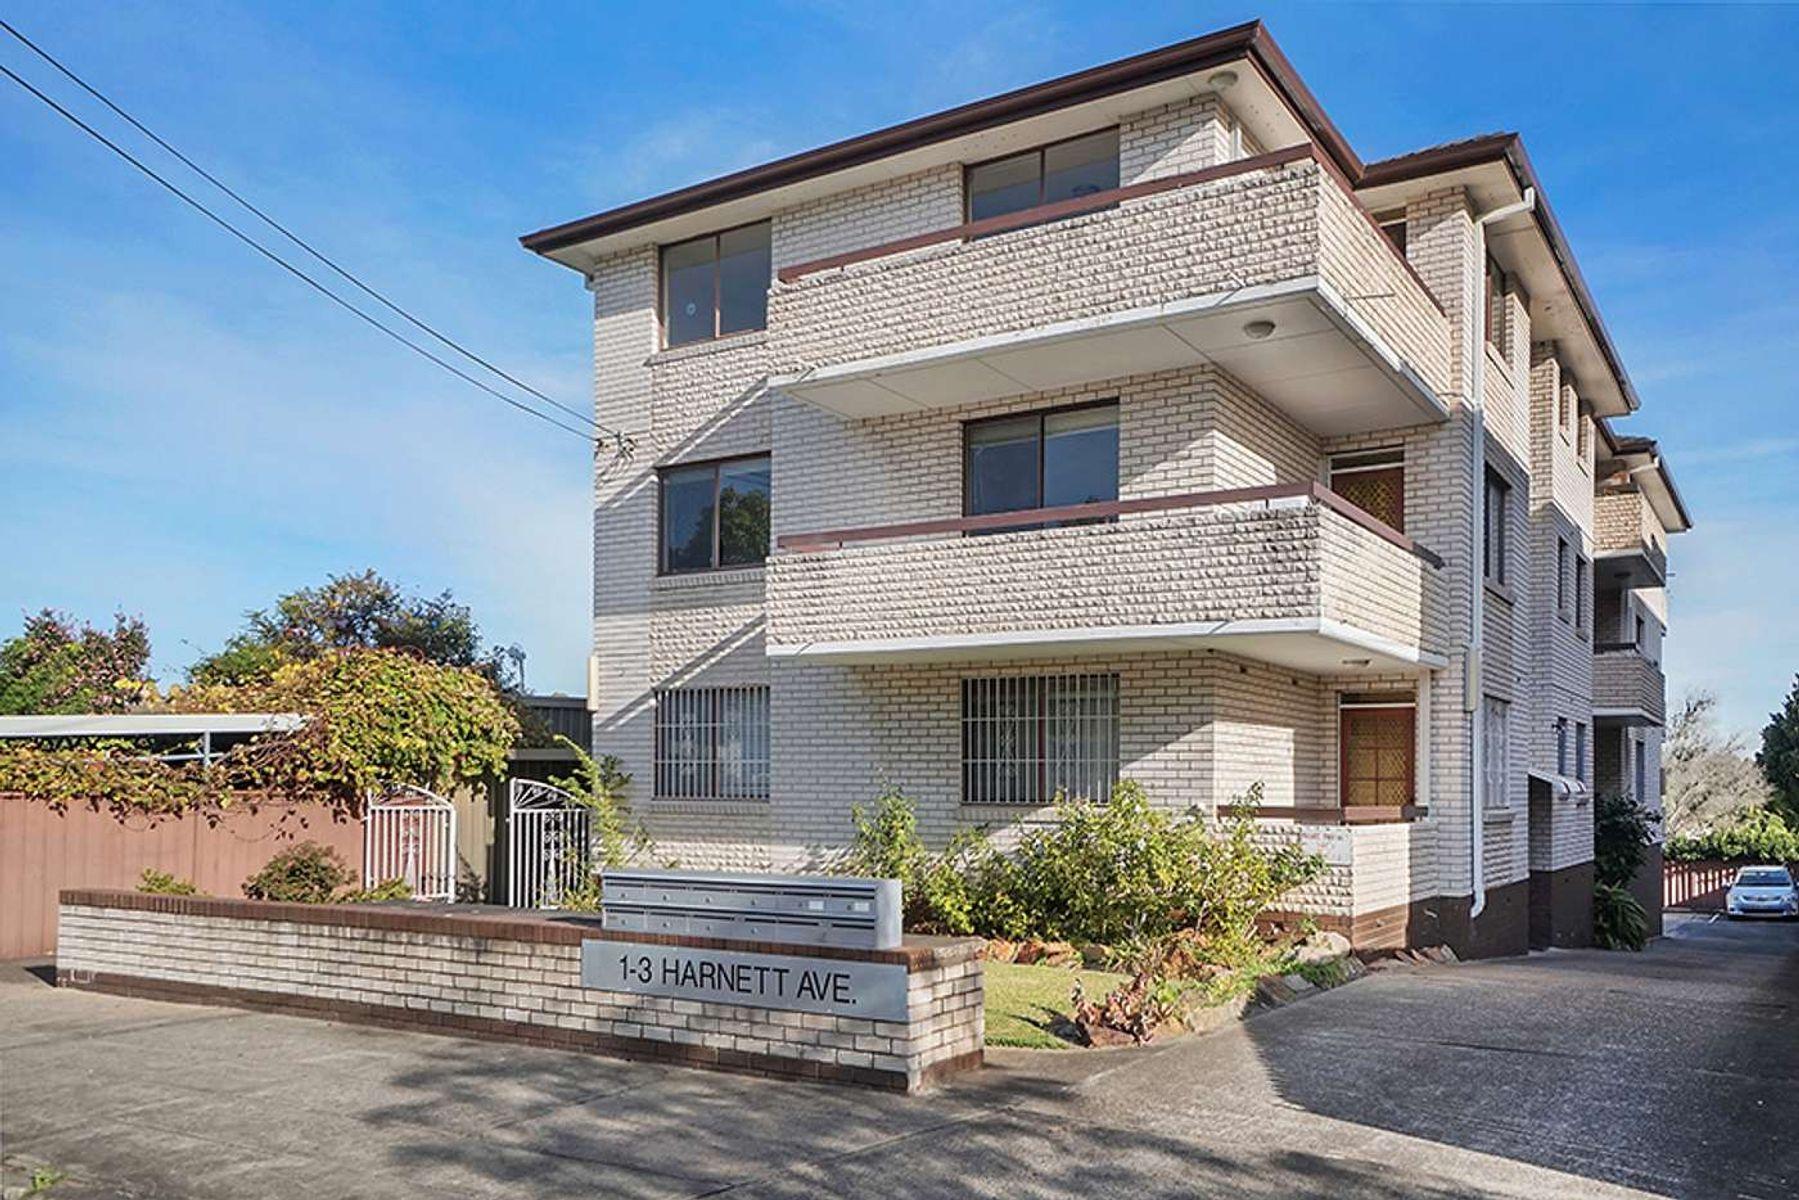 6/1-3 Harnett Ave, Marrickville, NSW 2204